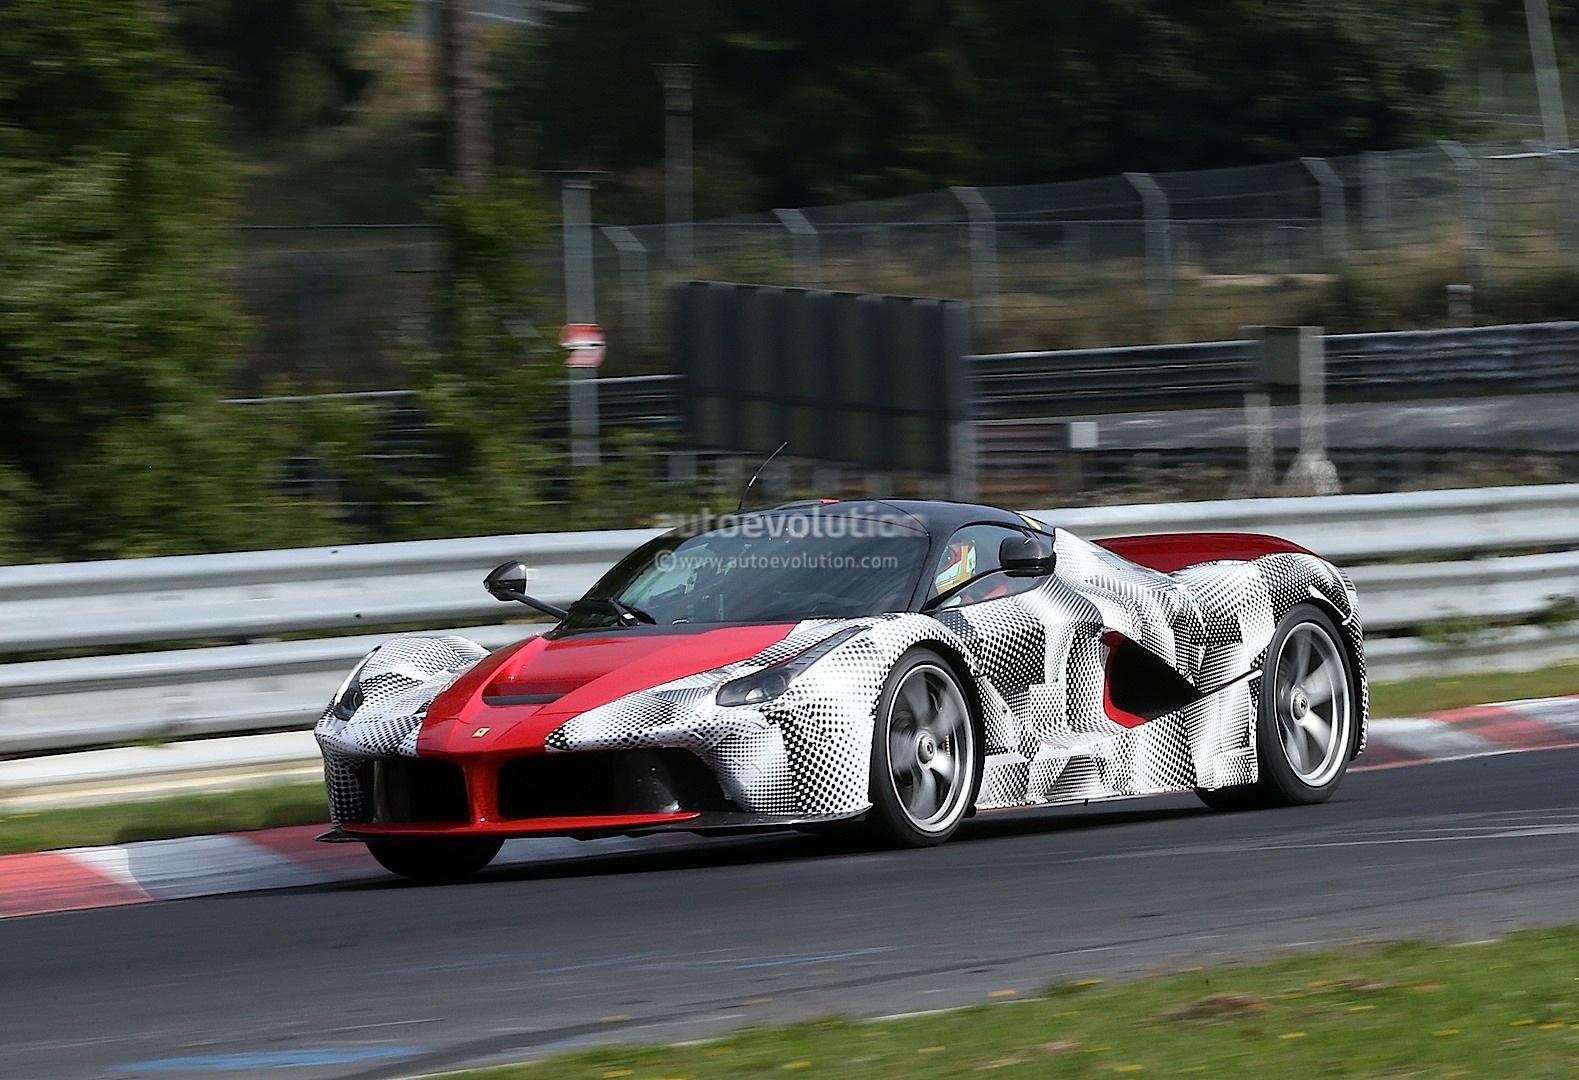 http://images.caradisiac.com/images/9/4/4/6/89446/S0-Ferrari-releve-le-gant-et-envoie-LaFerrari-sur-le-Nurburgring-303681.jpg